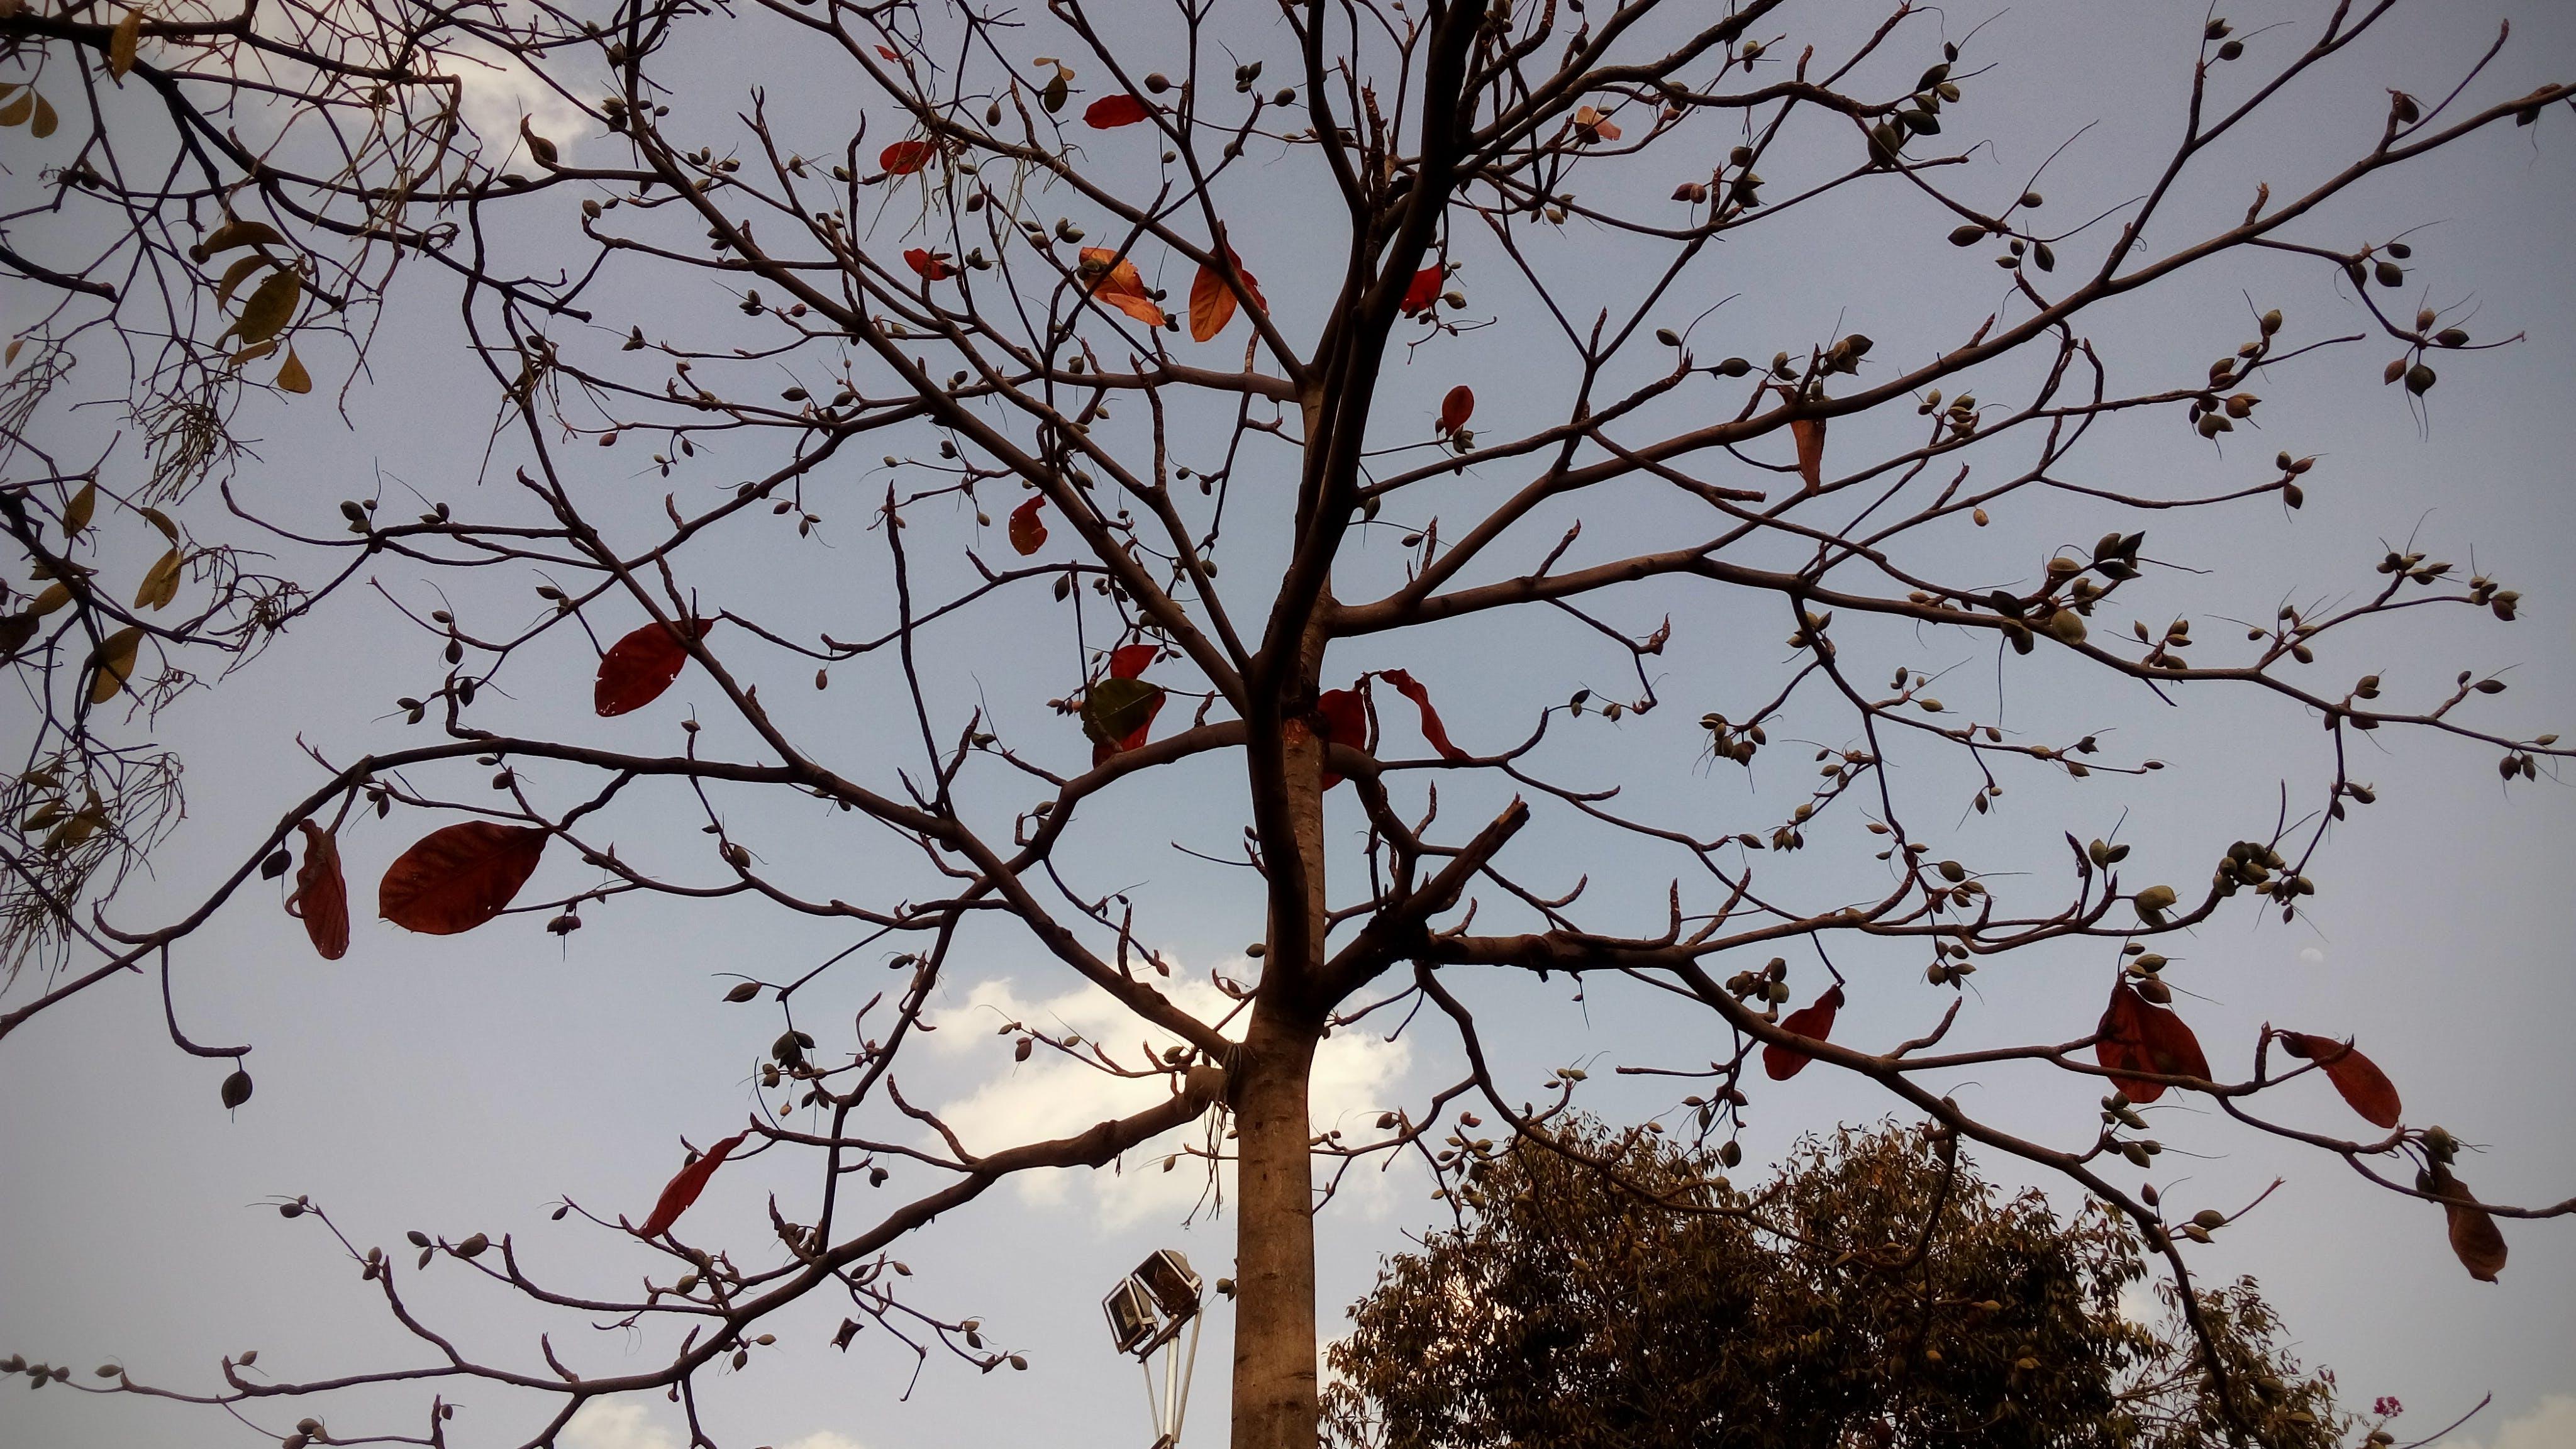 Δωρεάν στοκ φωτογραφιών με #δέντρο